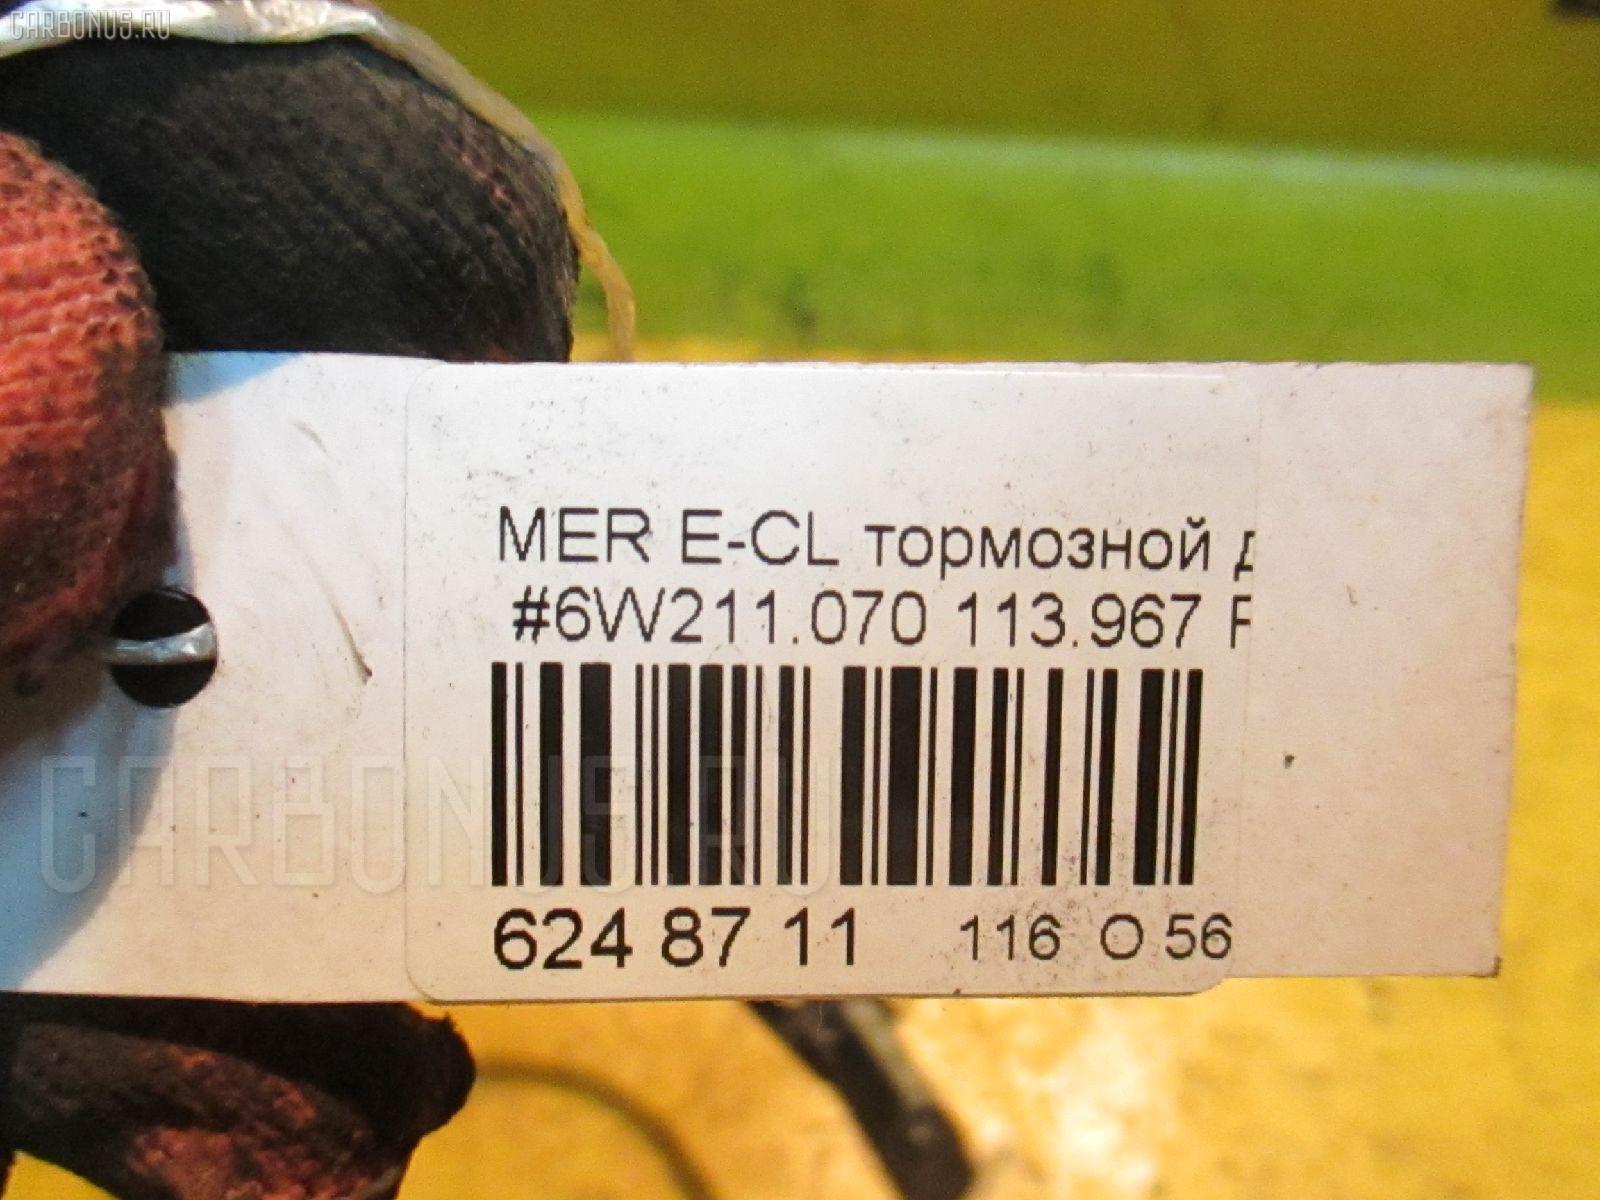 Датчик ABS MERCEDES-BENZ E-CLASS W211.070 113.967 Фото 3